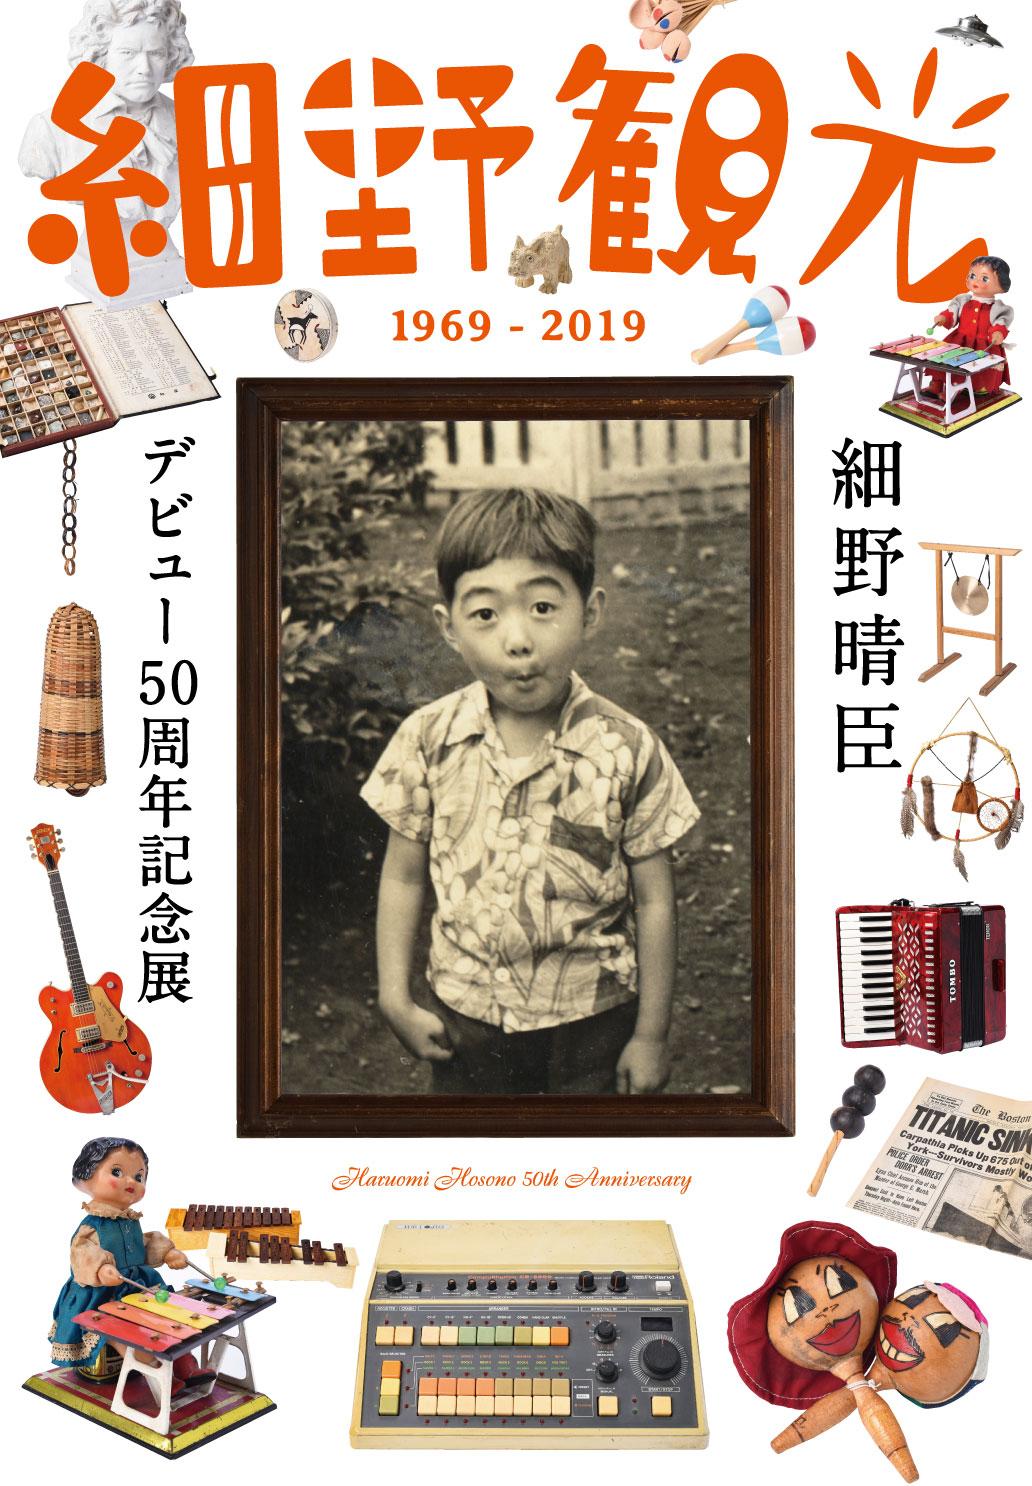 細野晴臣、デビュー50周年の記念展が開催中! 楽器や写真、発言録も